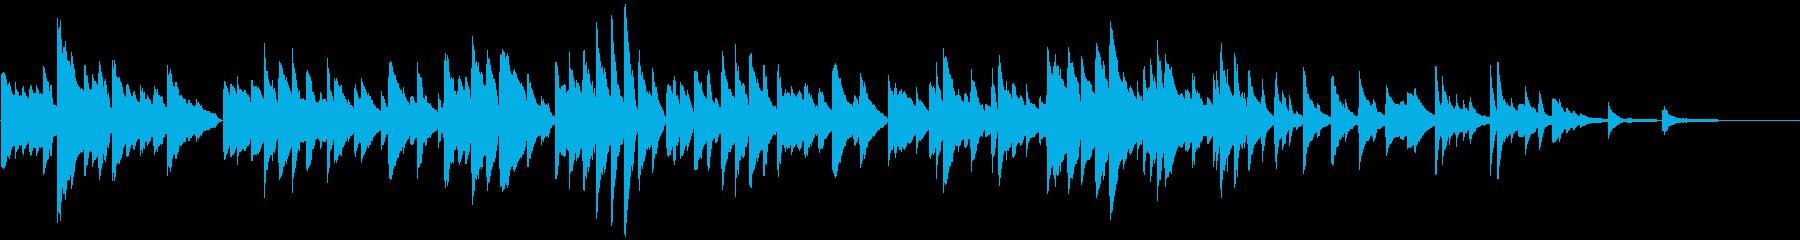 ゆったりしたピアノBGMの再生済みの波形